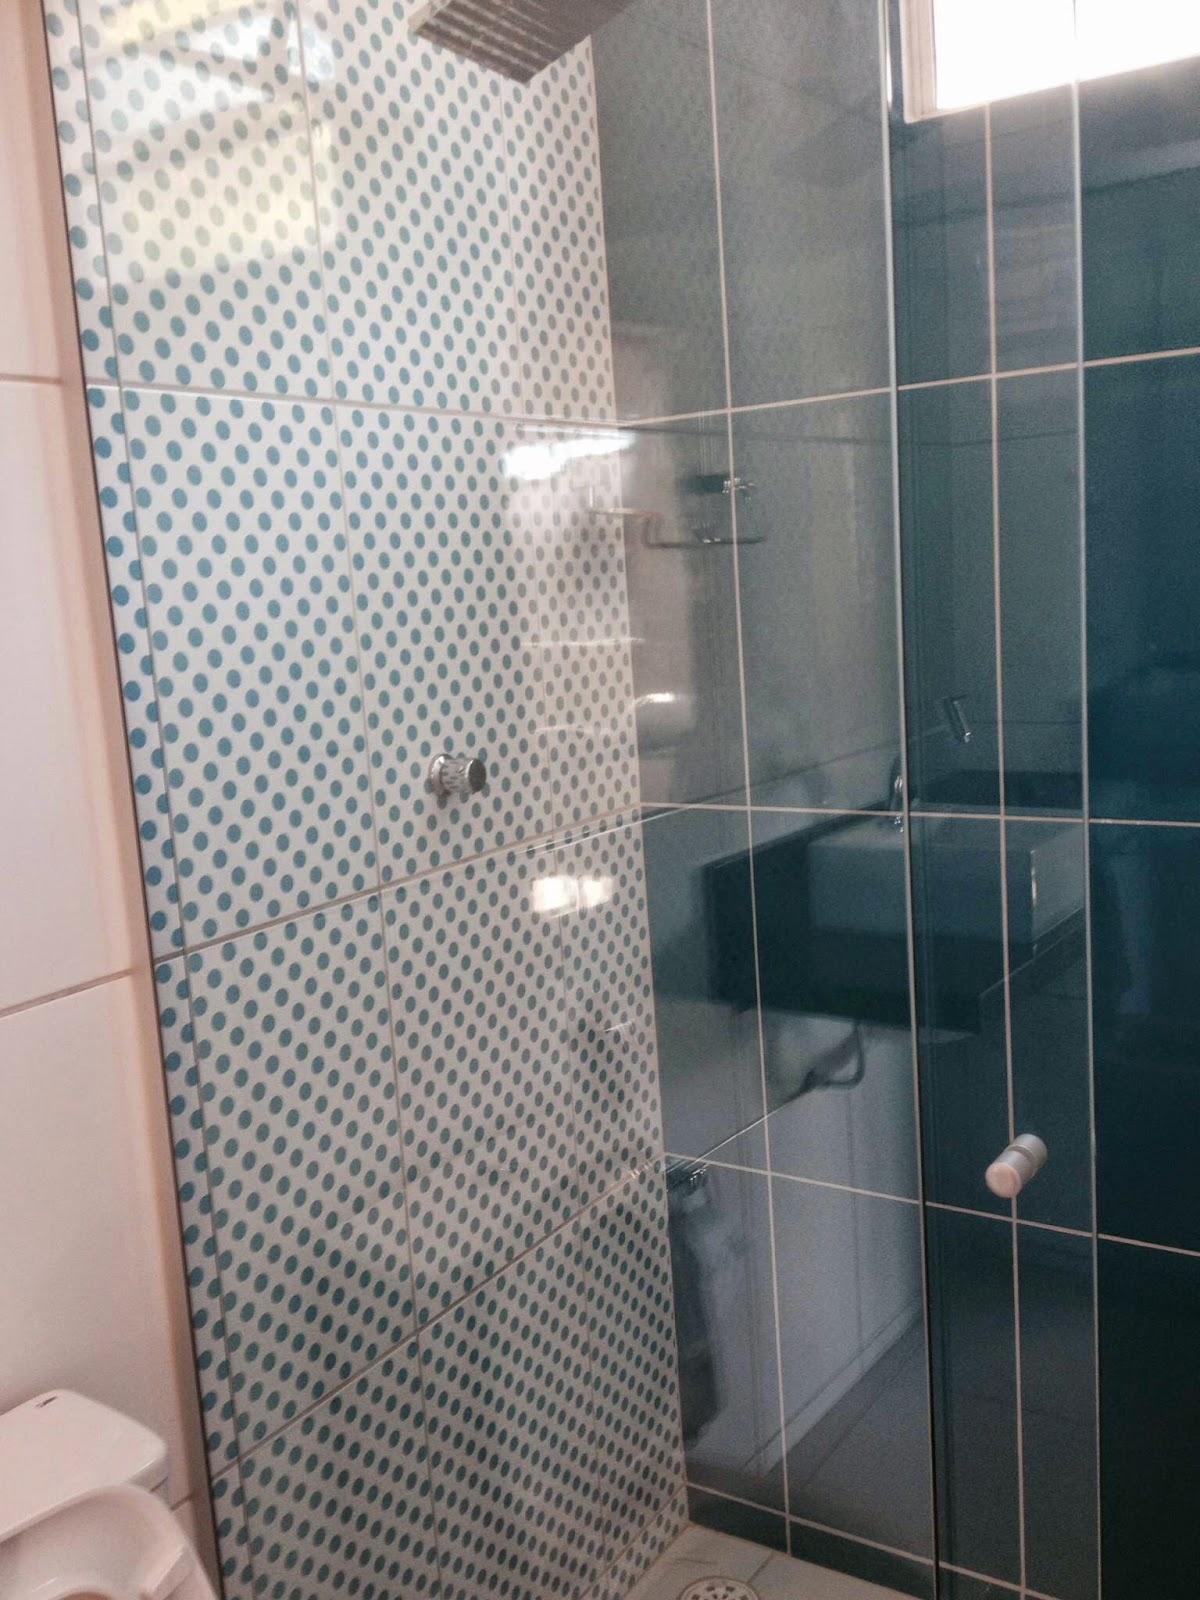 Nossa casa.com: BANHEIROS (VERMELHO E AZUL) COM REVESTIMENTO ROMERO  #263539 1200x1600 Banheiro Com Granito Vermelho